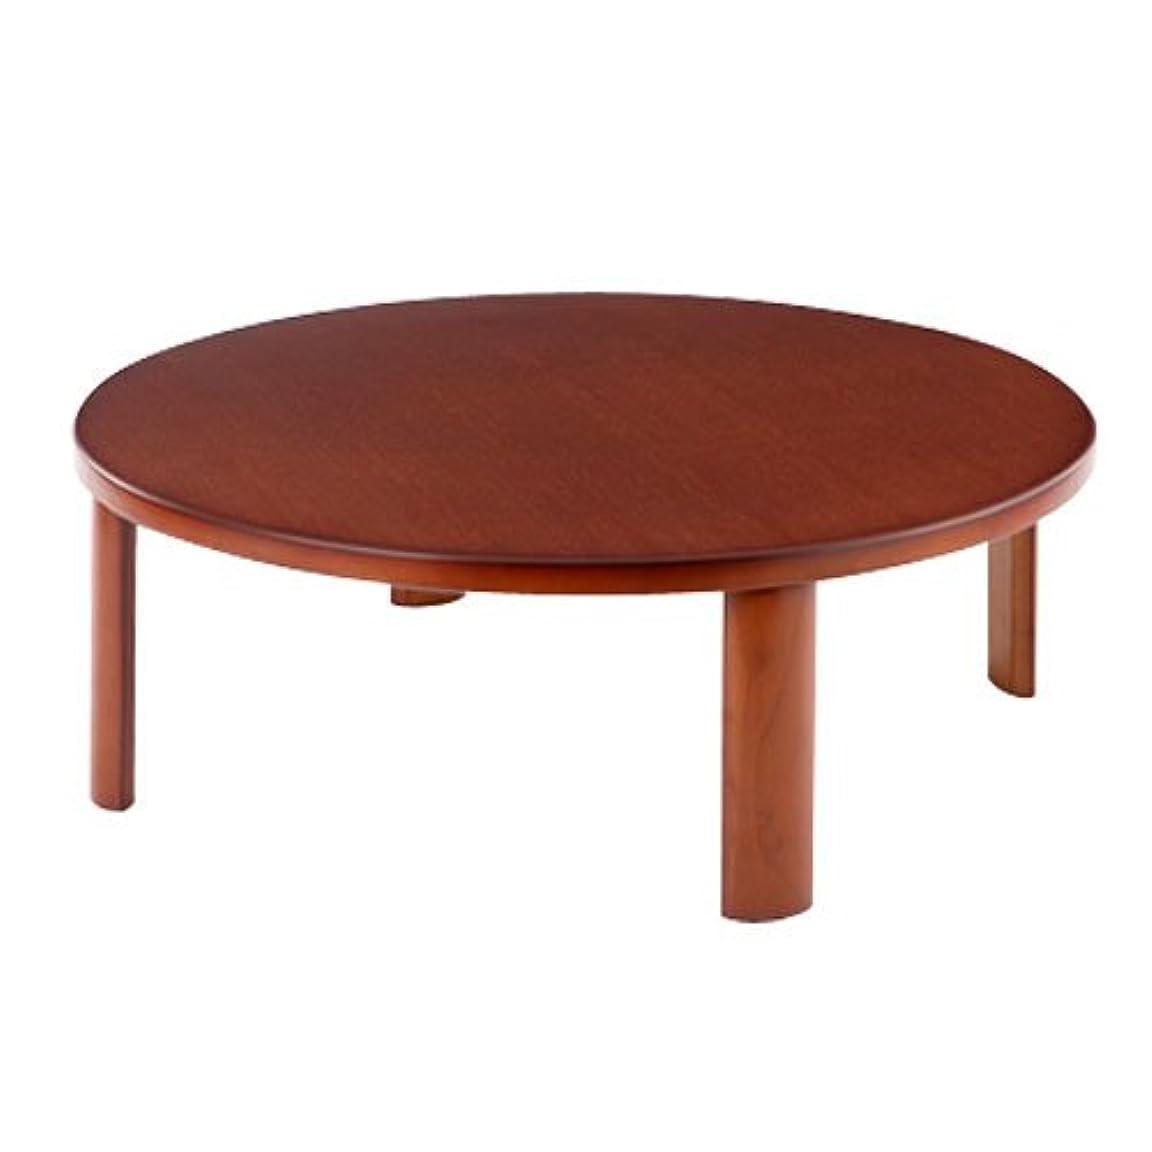 ピクニック教育素朴なちゃぶ台 折りたたみ 木製 丸型 座卓 テーブル 丸テーブル センターテーブル 円卓 つくえ モダン 〔幅100cm〕